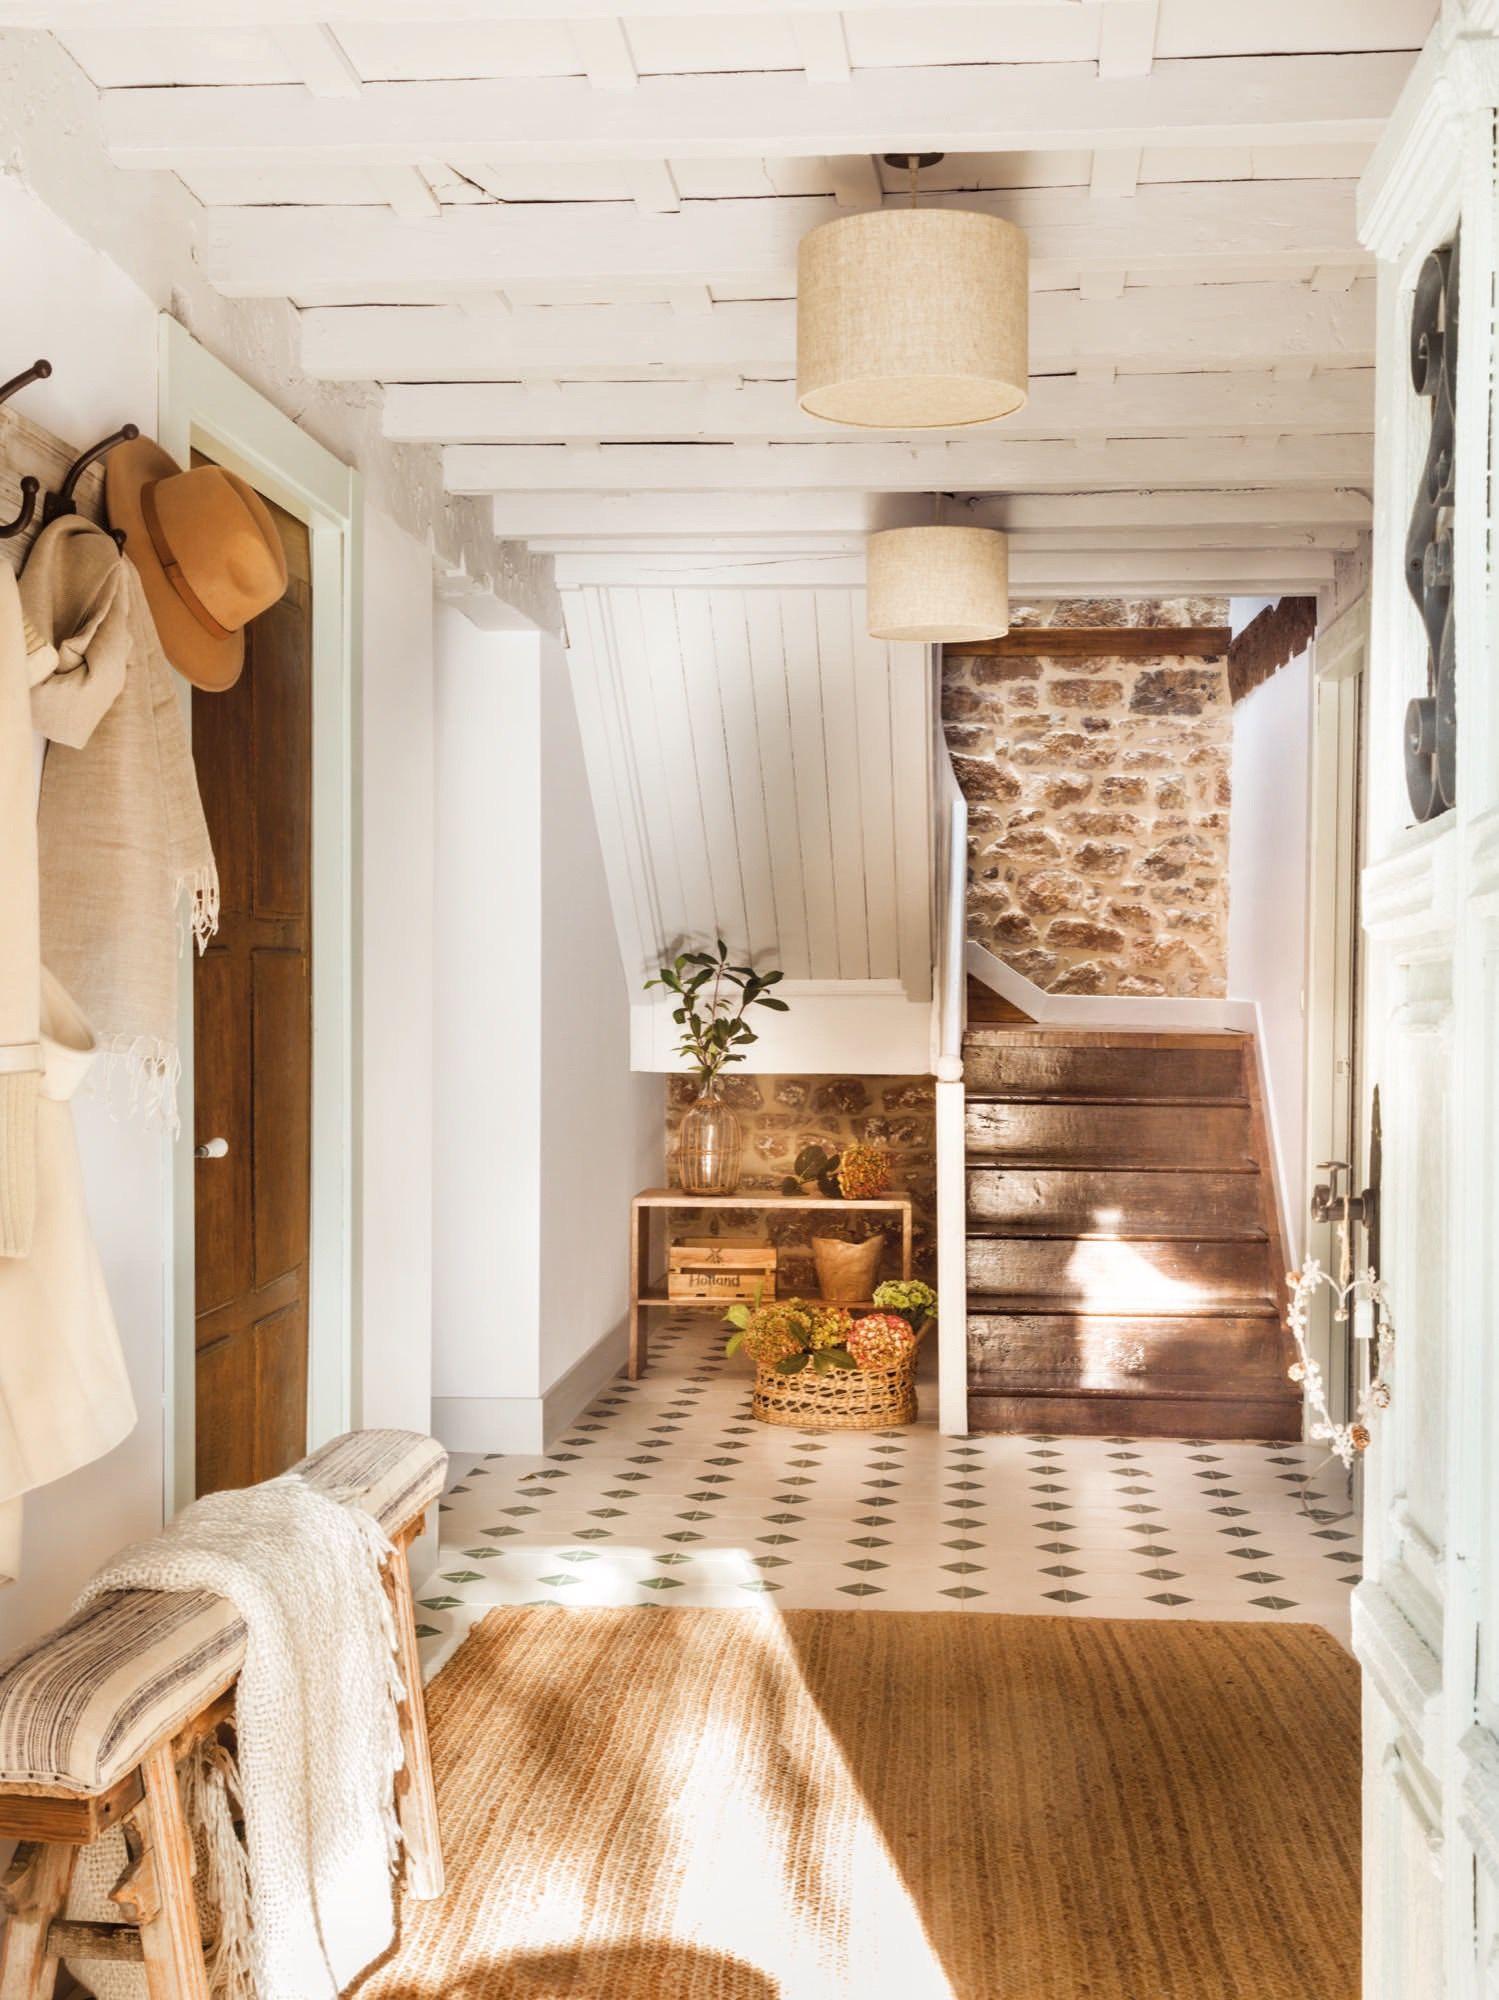 Escalera de una casa rustica con suelo hidr ulico y vigas - Casas de campo el mueble ...